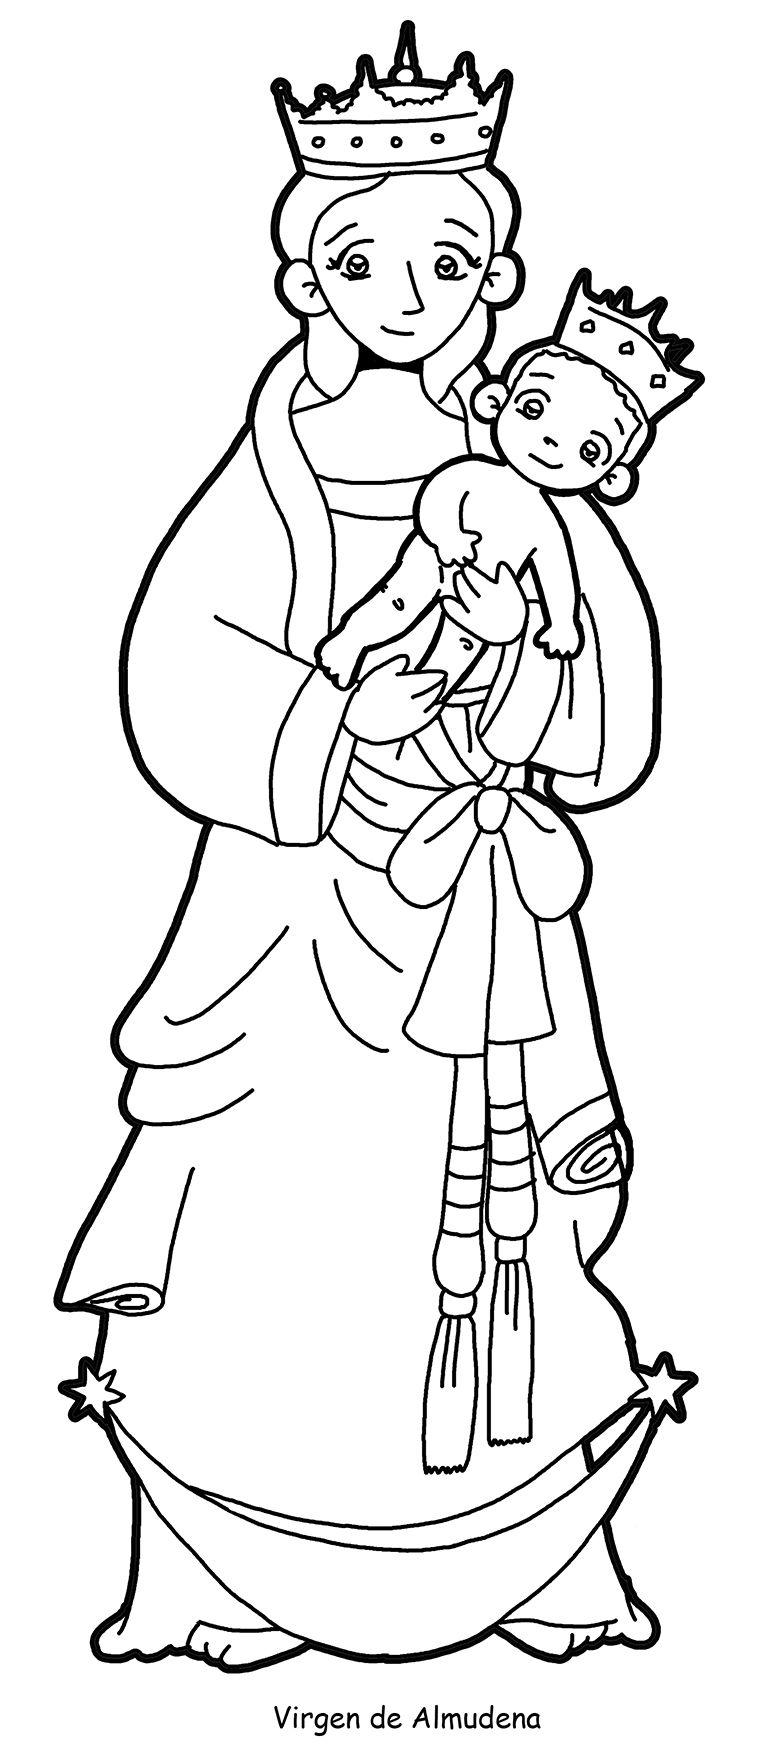 VIRGEN DE LA ALMUDENA para pintar. | Virgen María | Pinterest